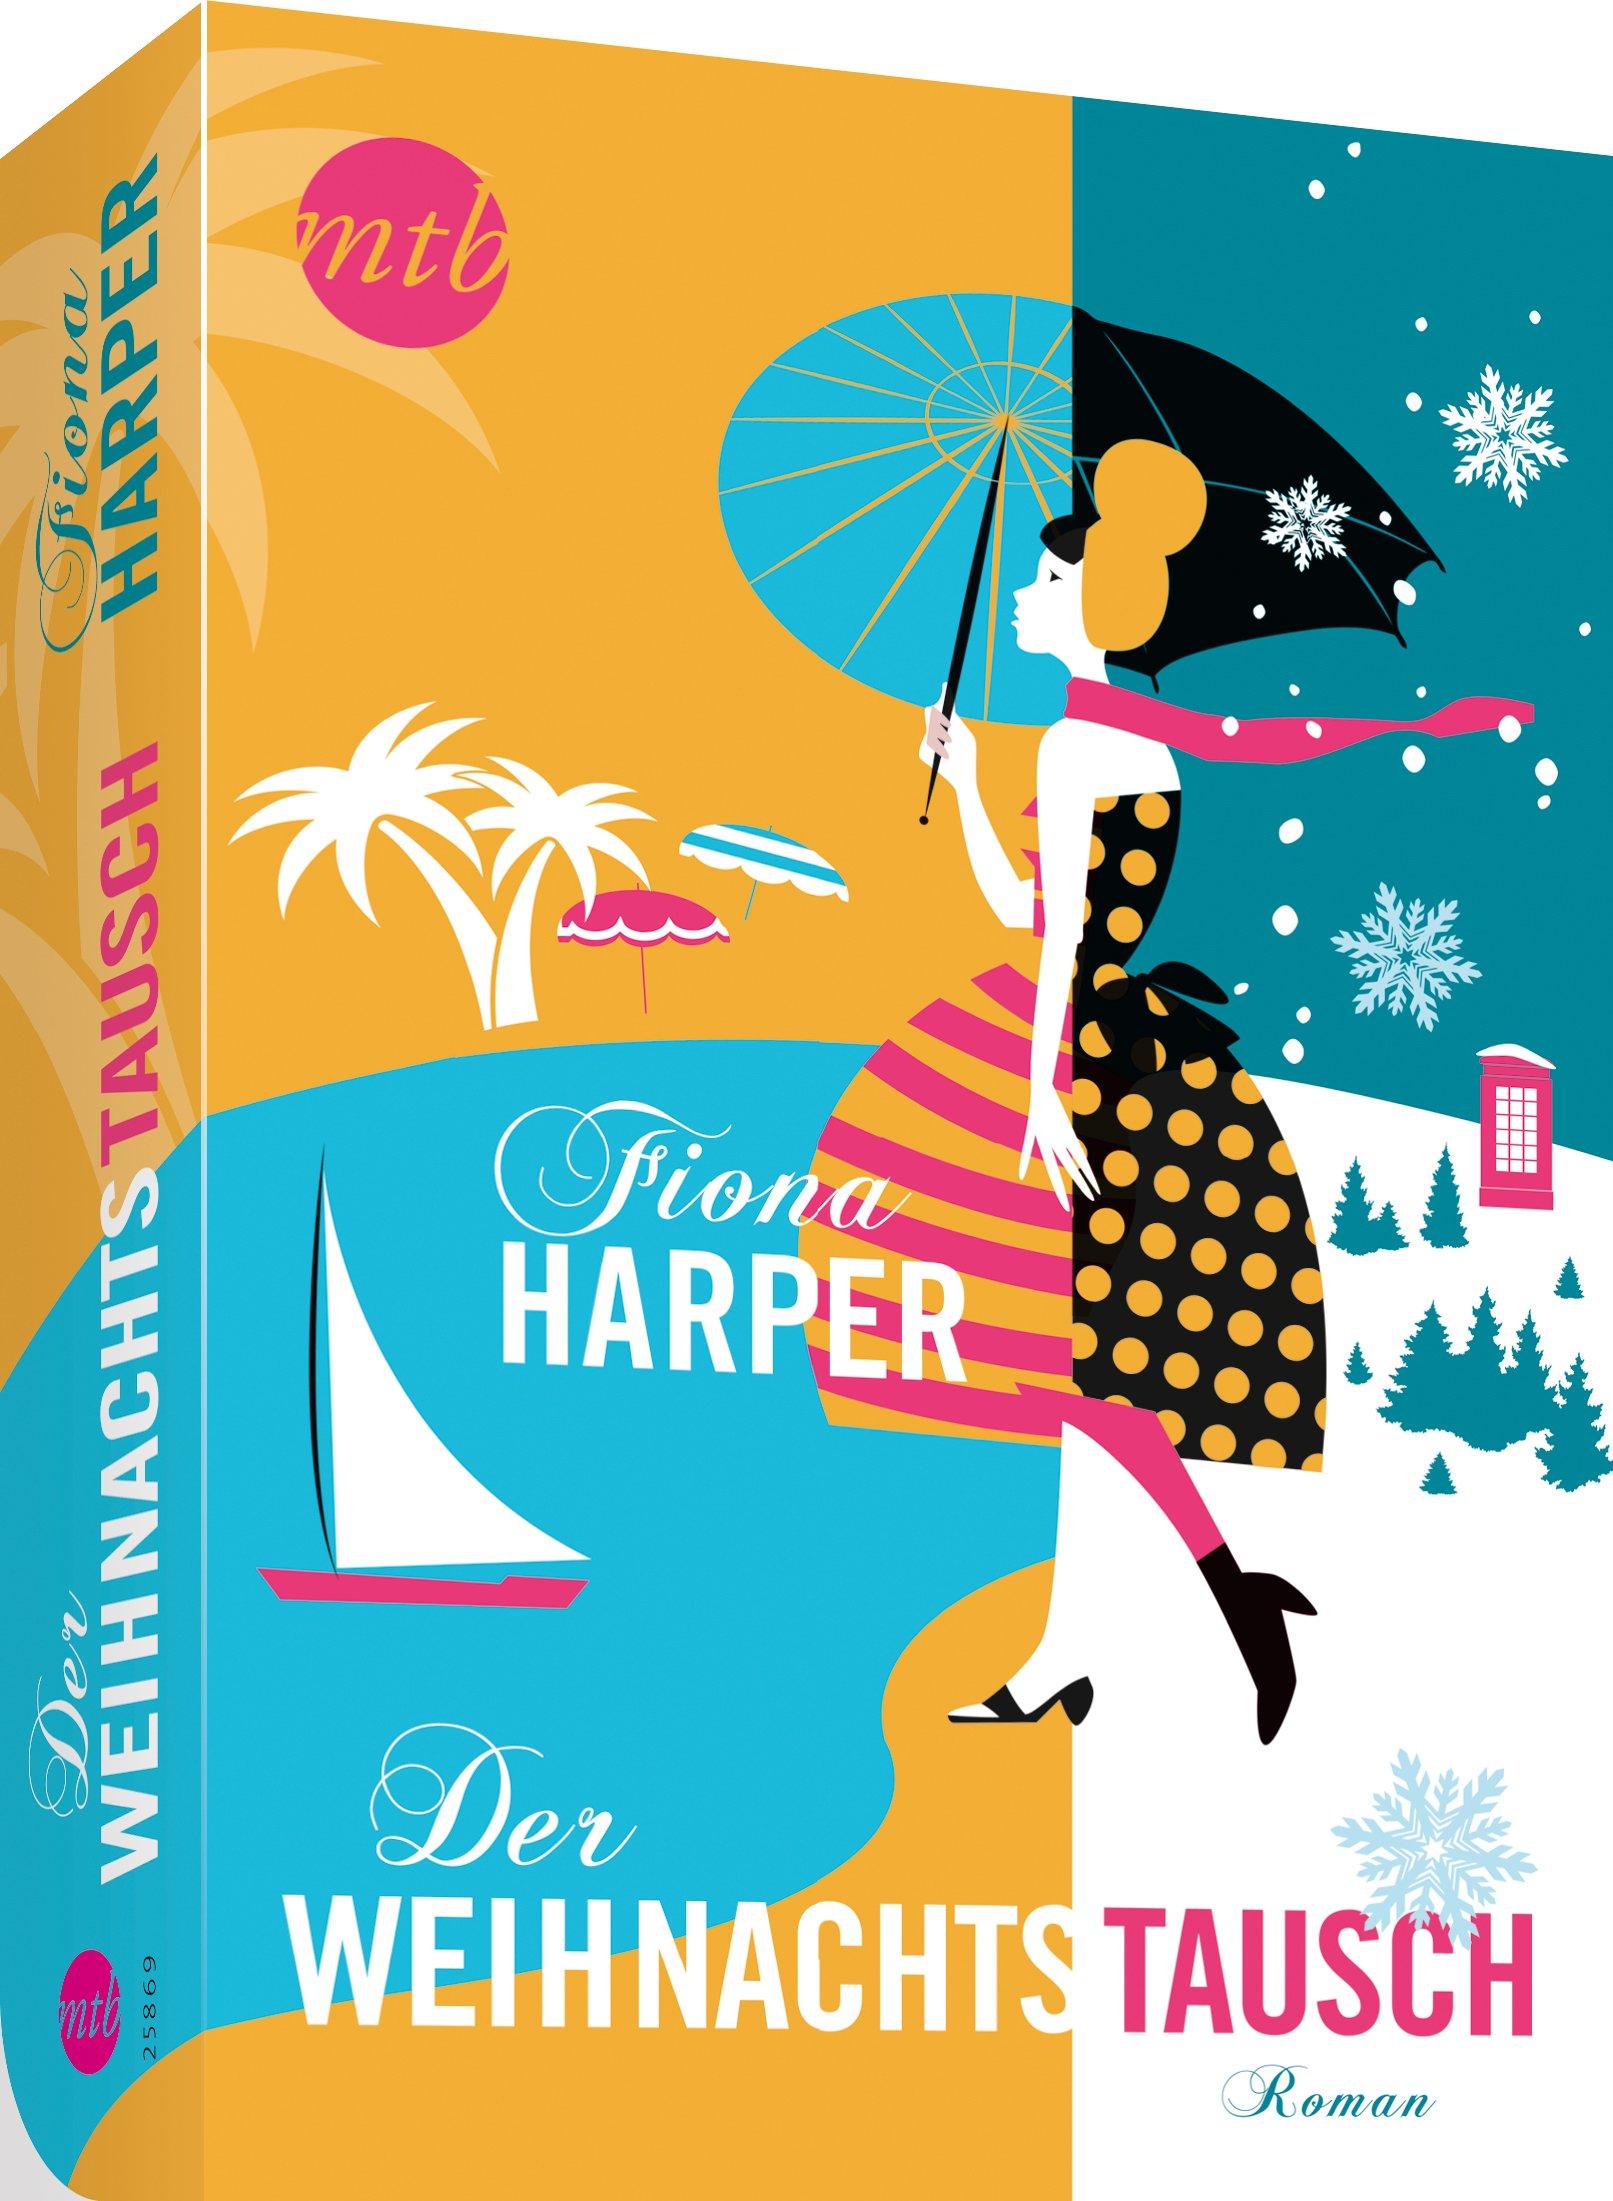 Der Weihnachtstausch MIRA Star Bestseller Autoren Romance: Amazon.de ...